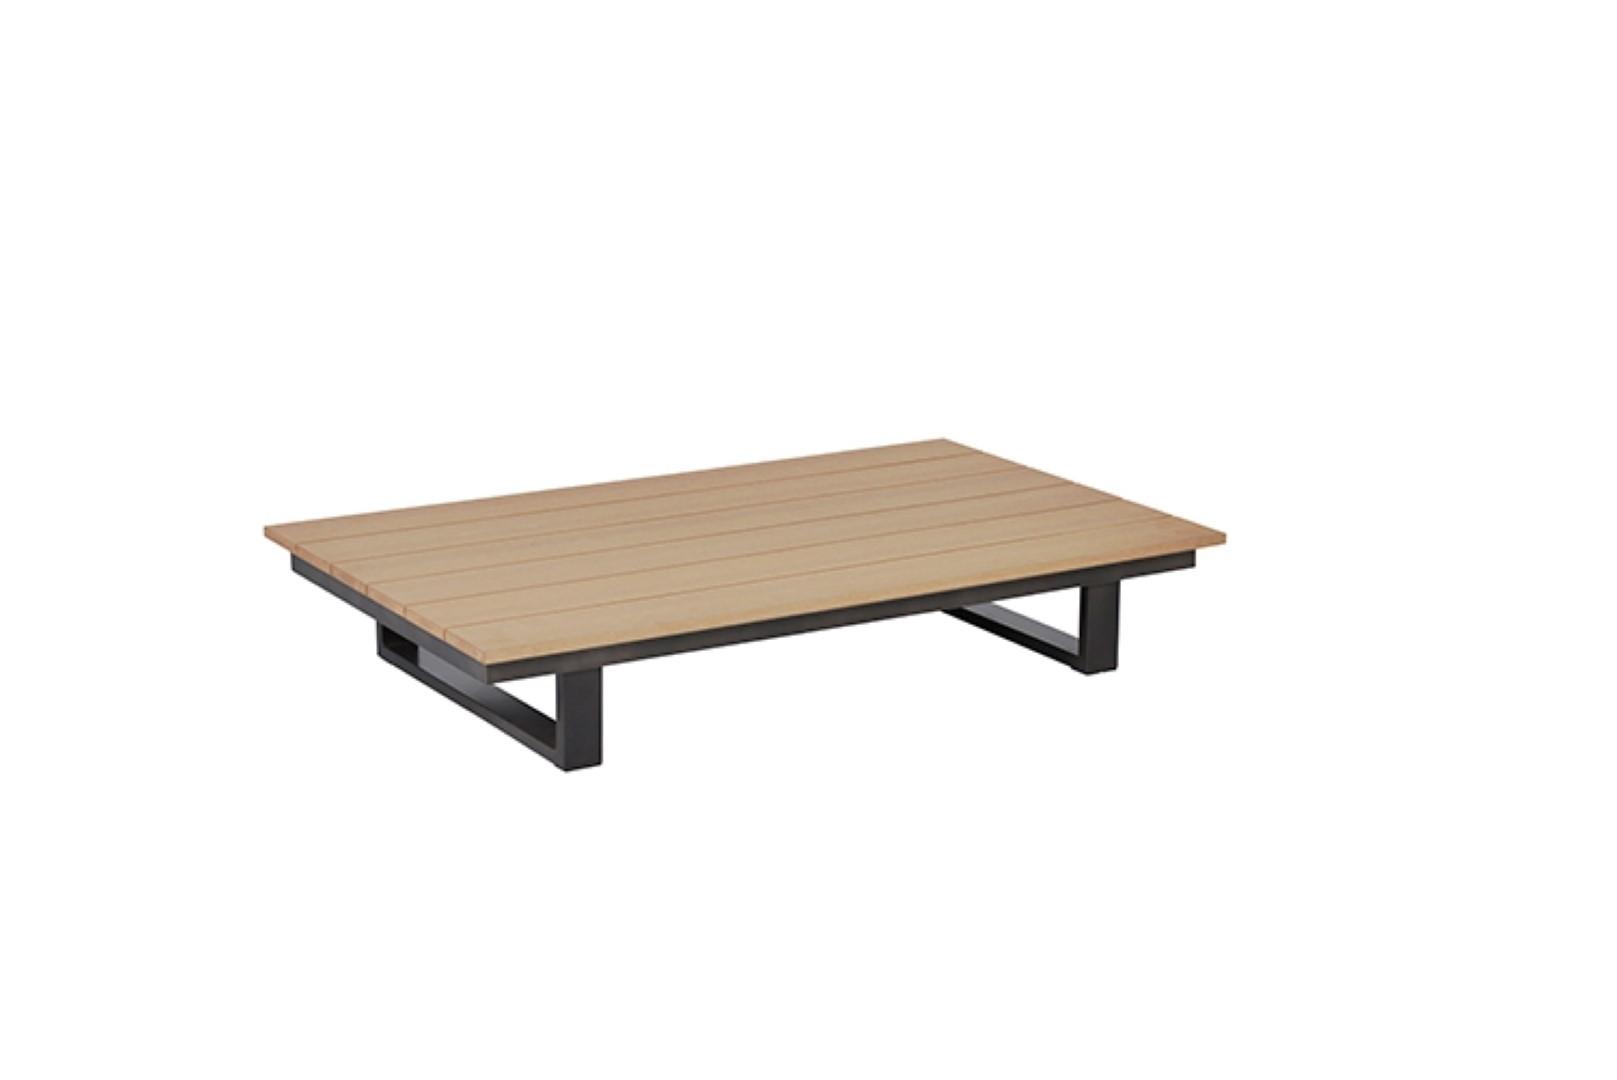 Margarita lounge tafel 140x80xH24 cm Vironwood vintage teak gunmetal